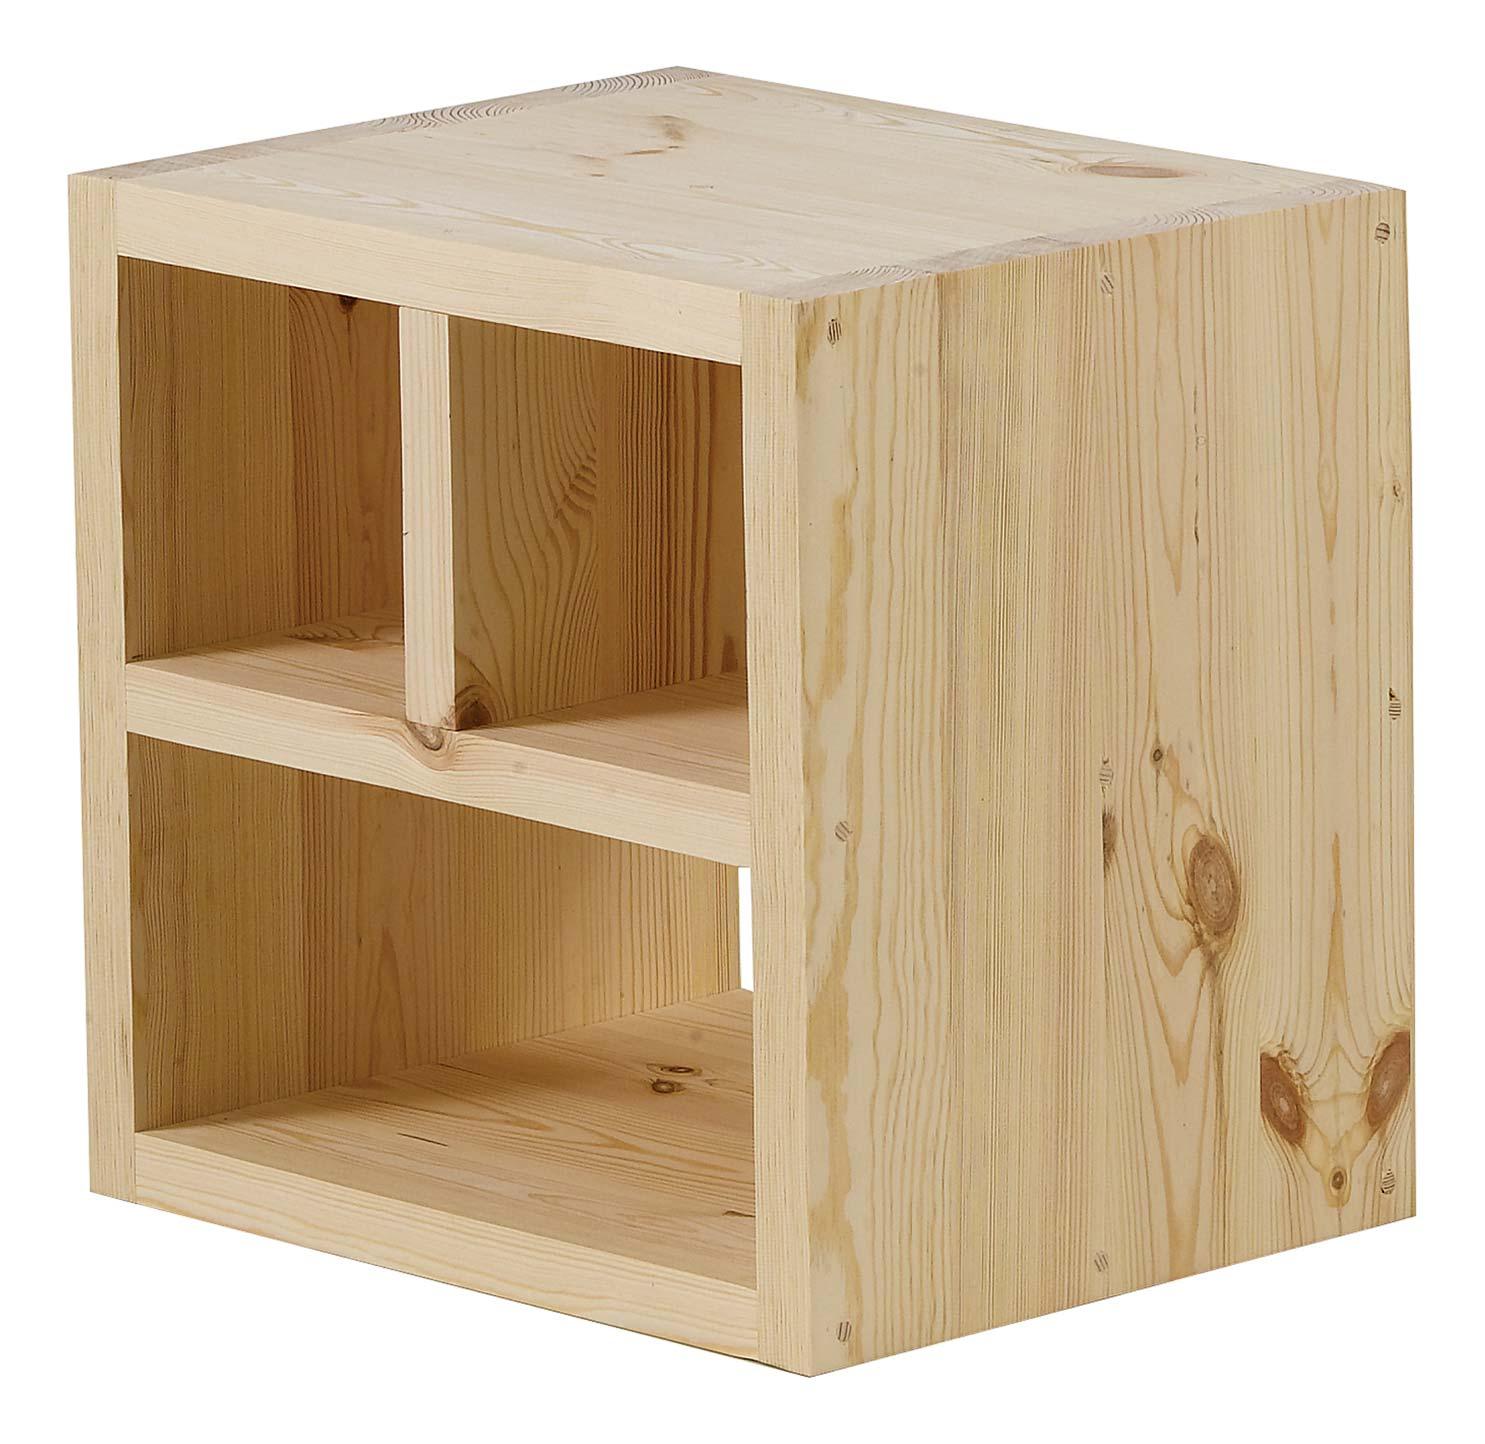 Meuble En Sapin Brut cube de rangement pin brut 3 niches | nature & découvertes